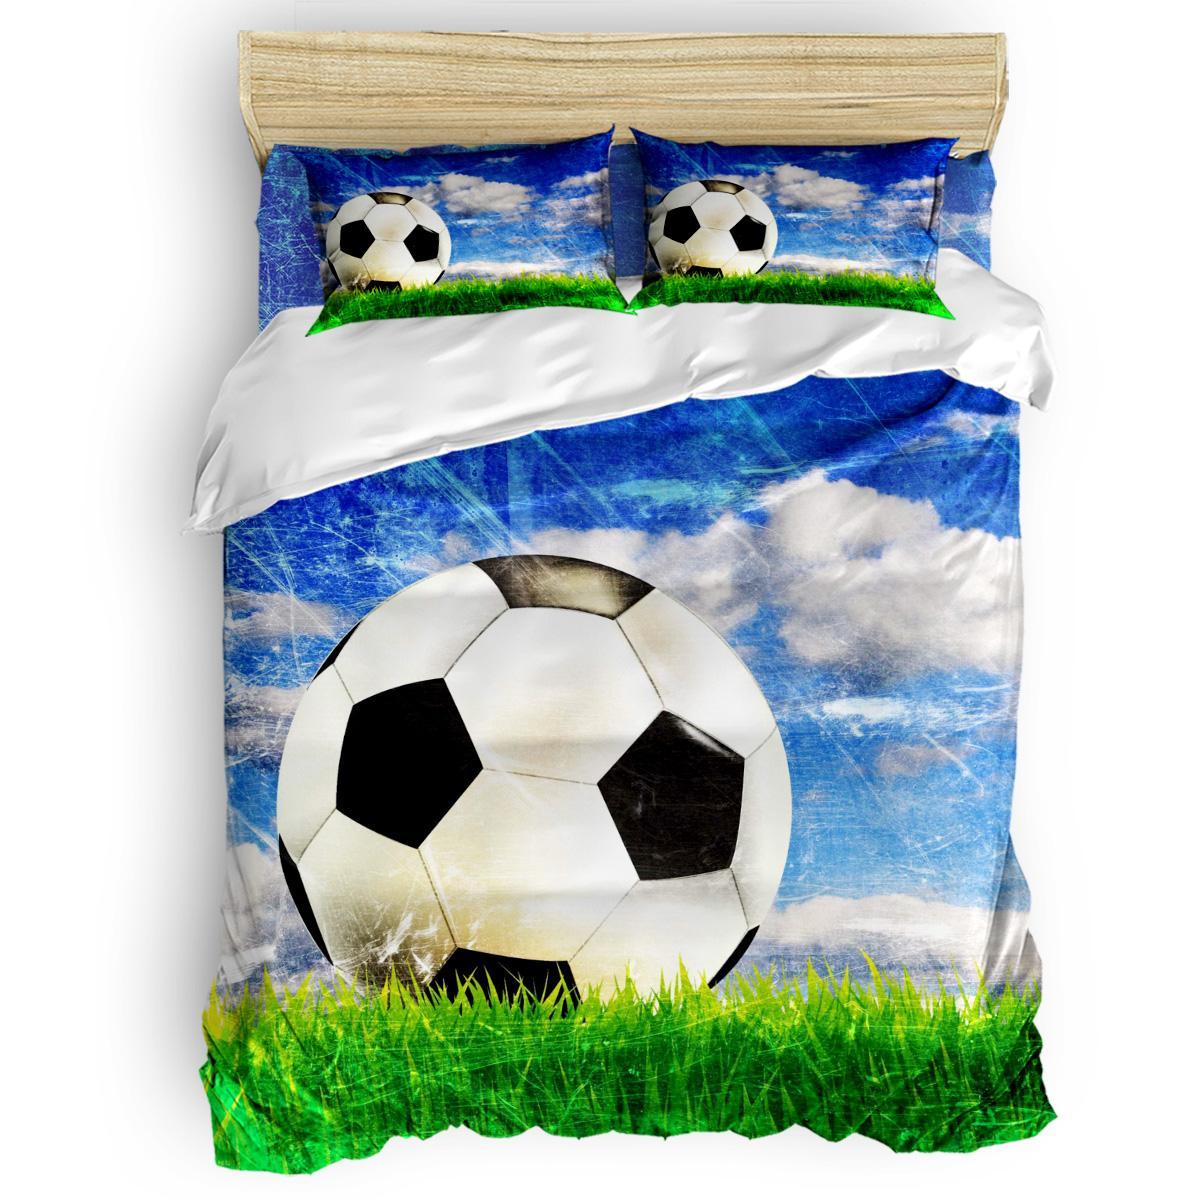 Lüks Comforter Yatak Futbol Altında Blue Sky Ve Beyaz Bulutlar Yatak Seti Ev Yatak Seti 4 Adet Nevresim Takımları